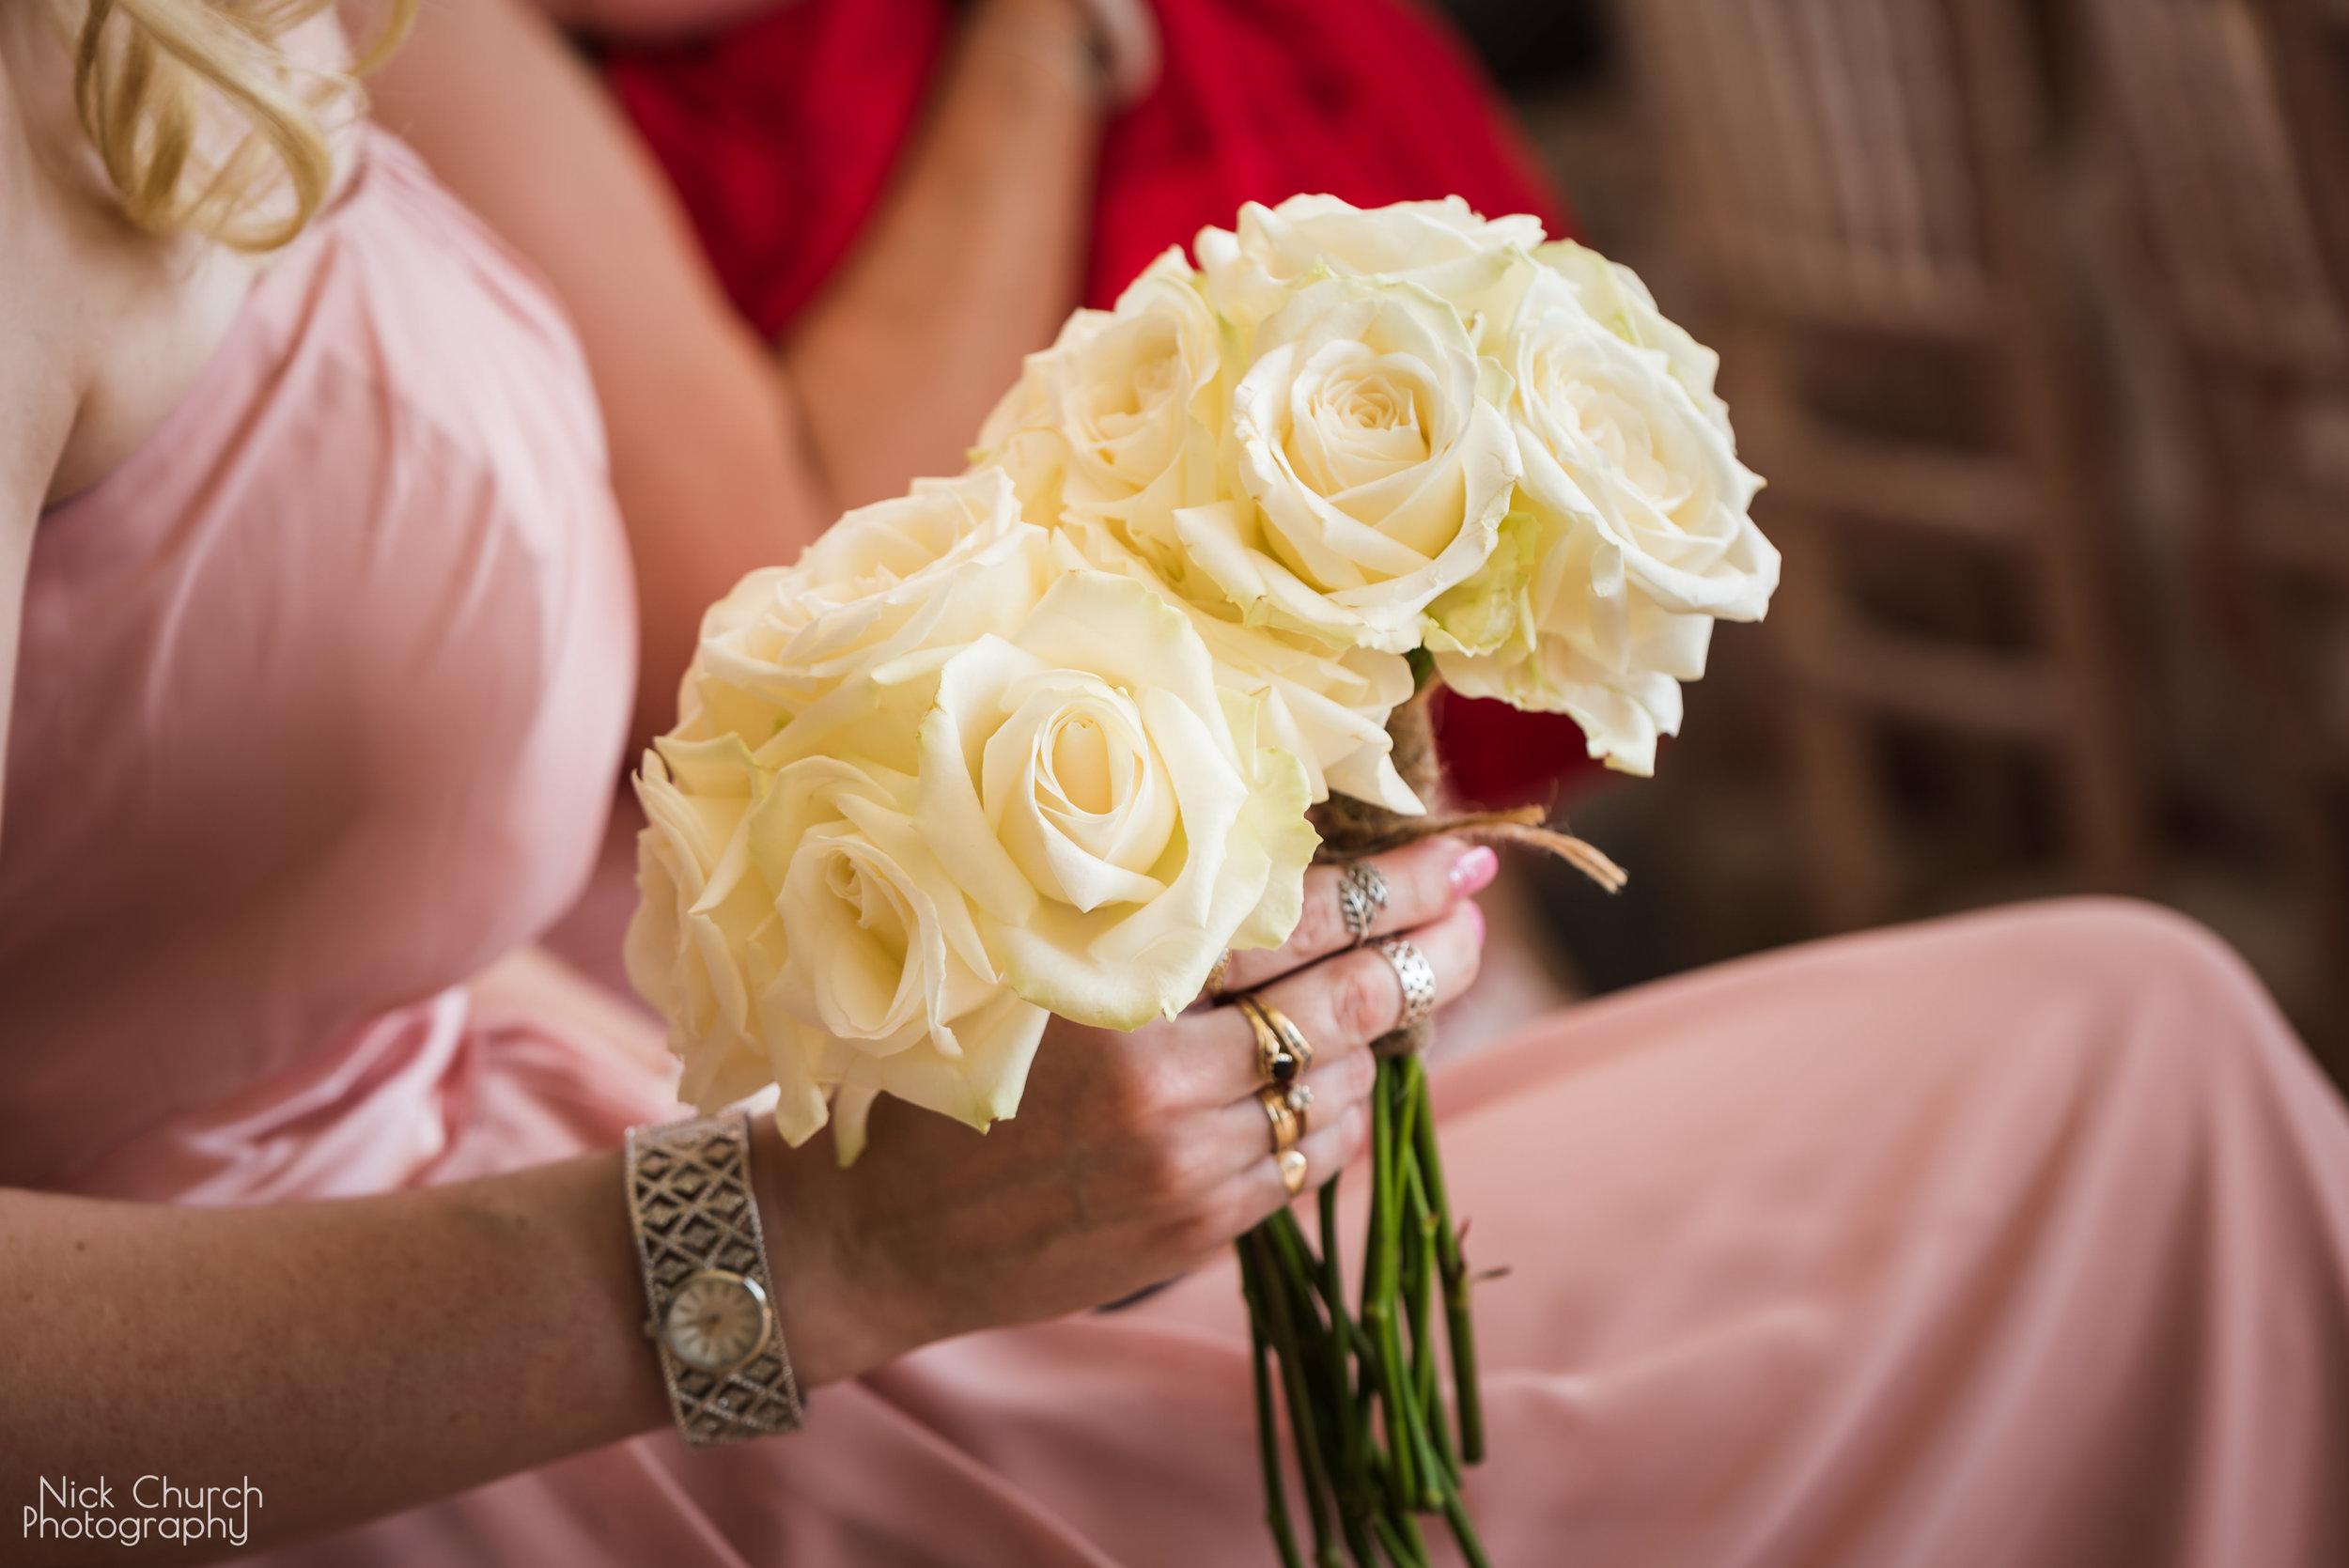 NC-2018-05-07-joanna-and-steve-wedding-1721.jpg